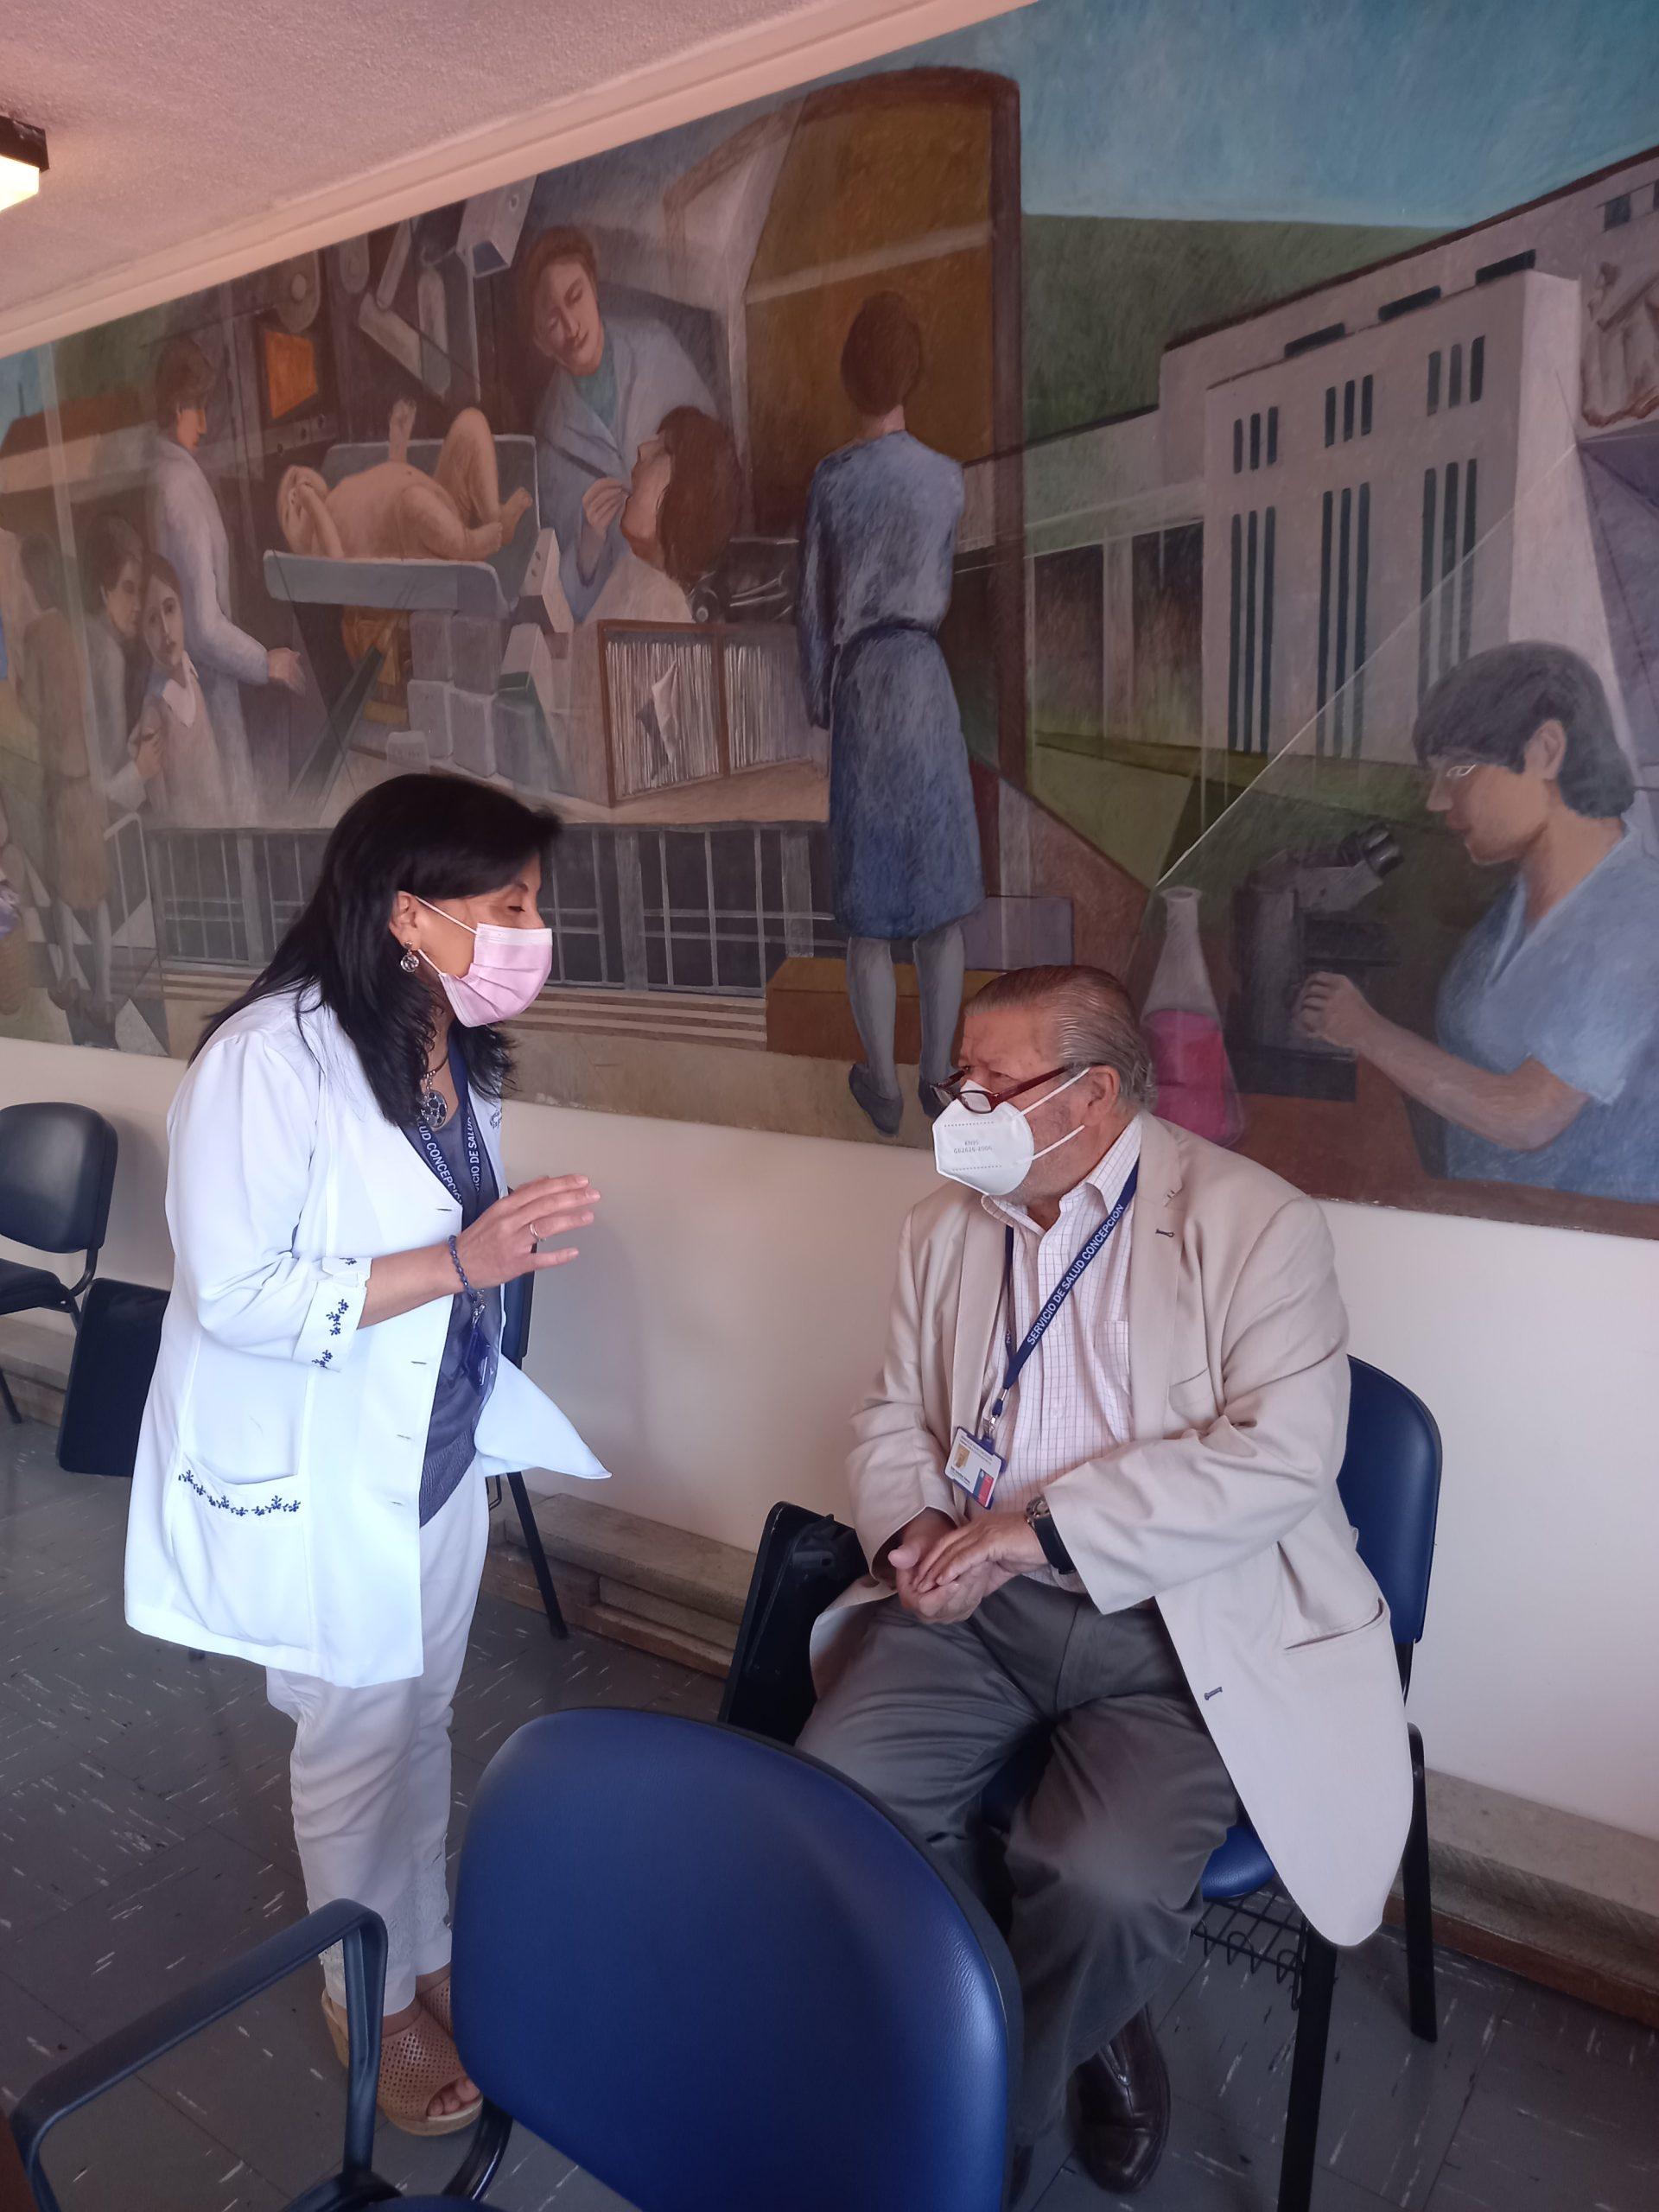 Avanza Proceso De Segunda Vacuna Para Funcionarios De CESFAM Dr. Víctor Manuel Fernández